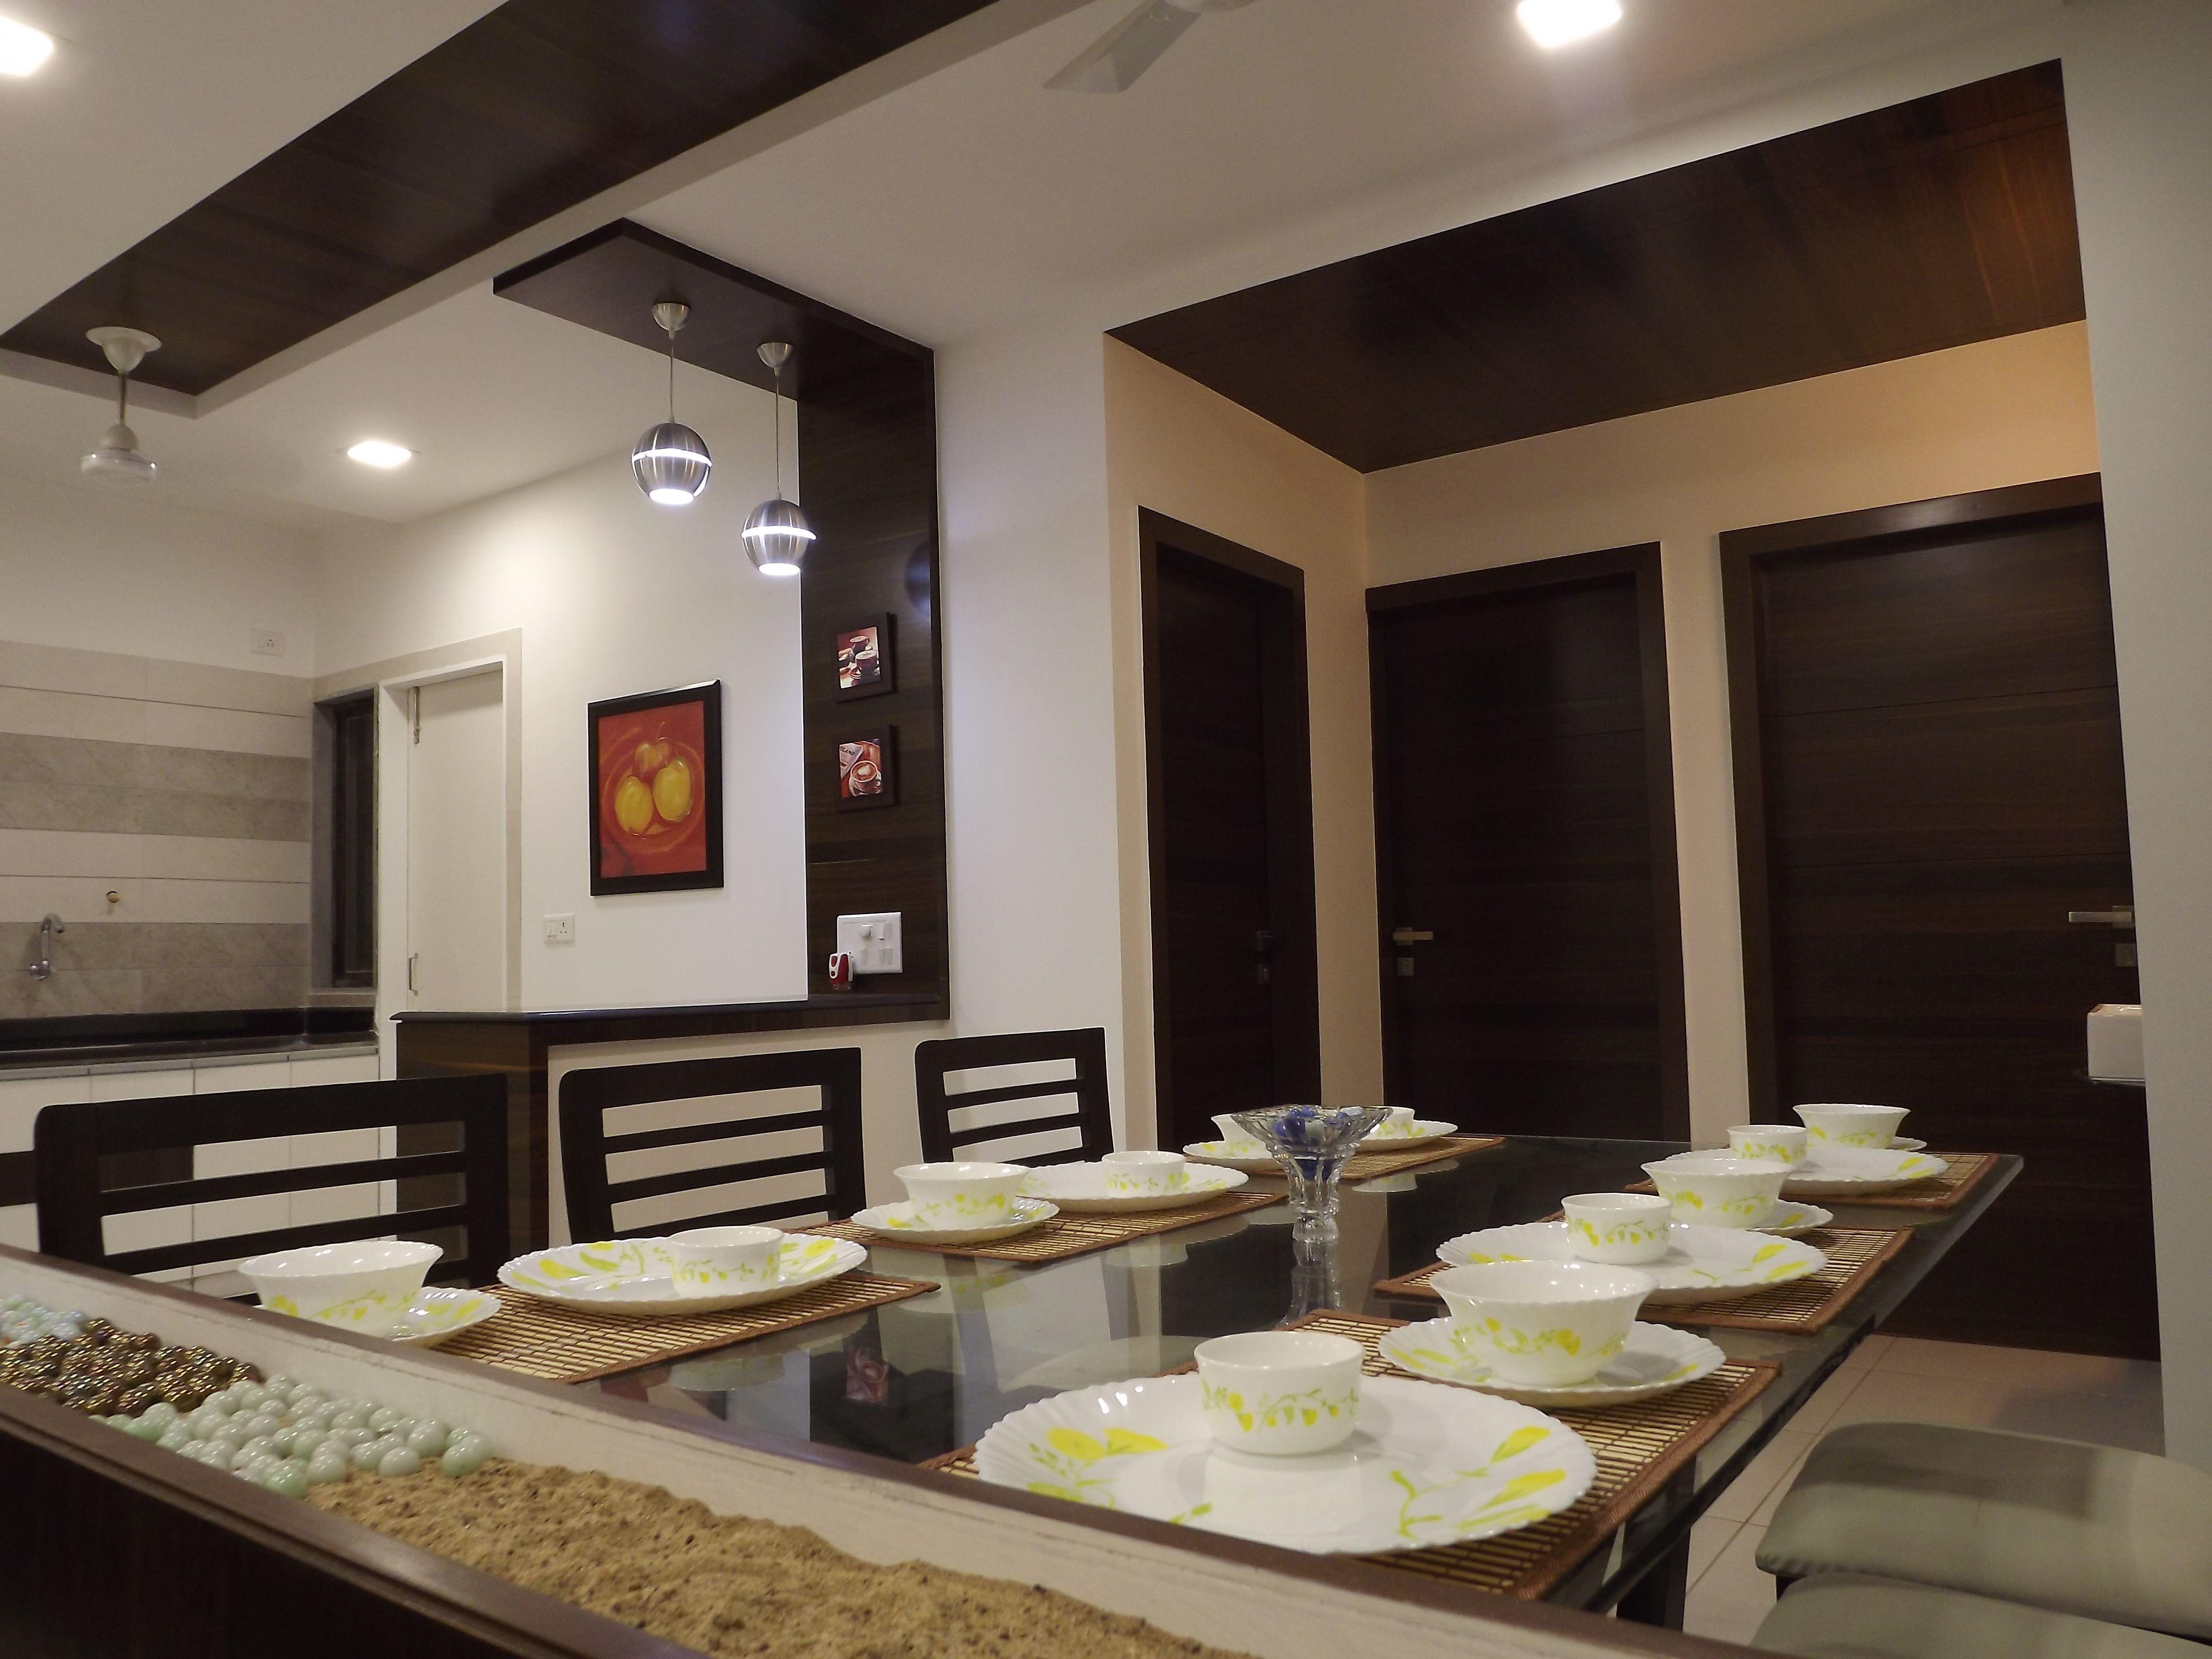 Apartment Interior Design Pictures In India Interior Design Pictures